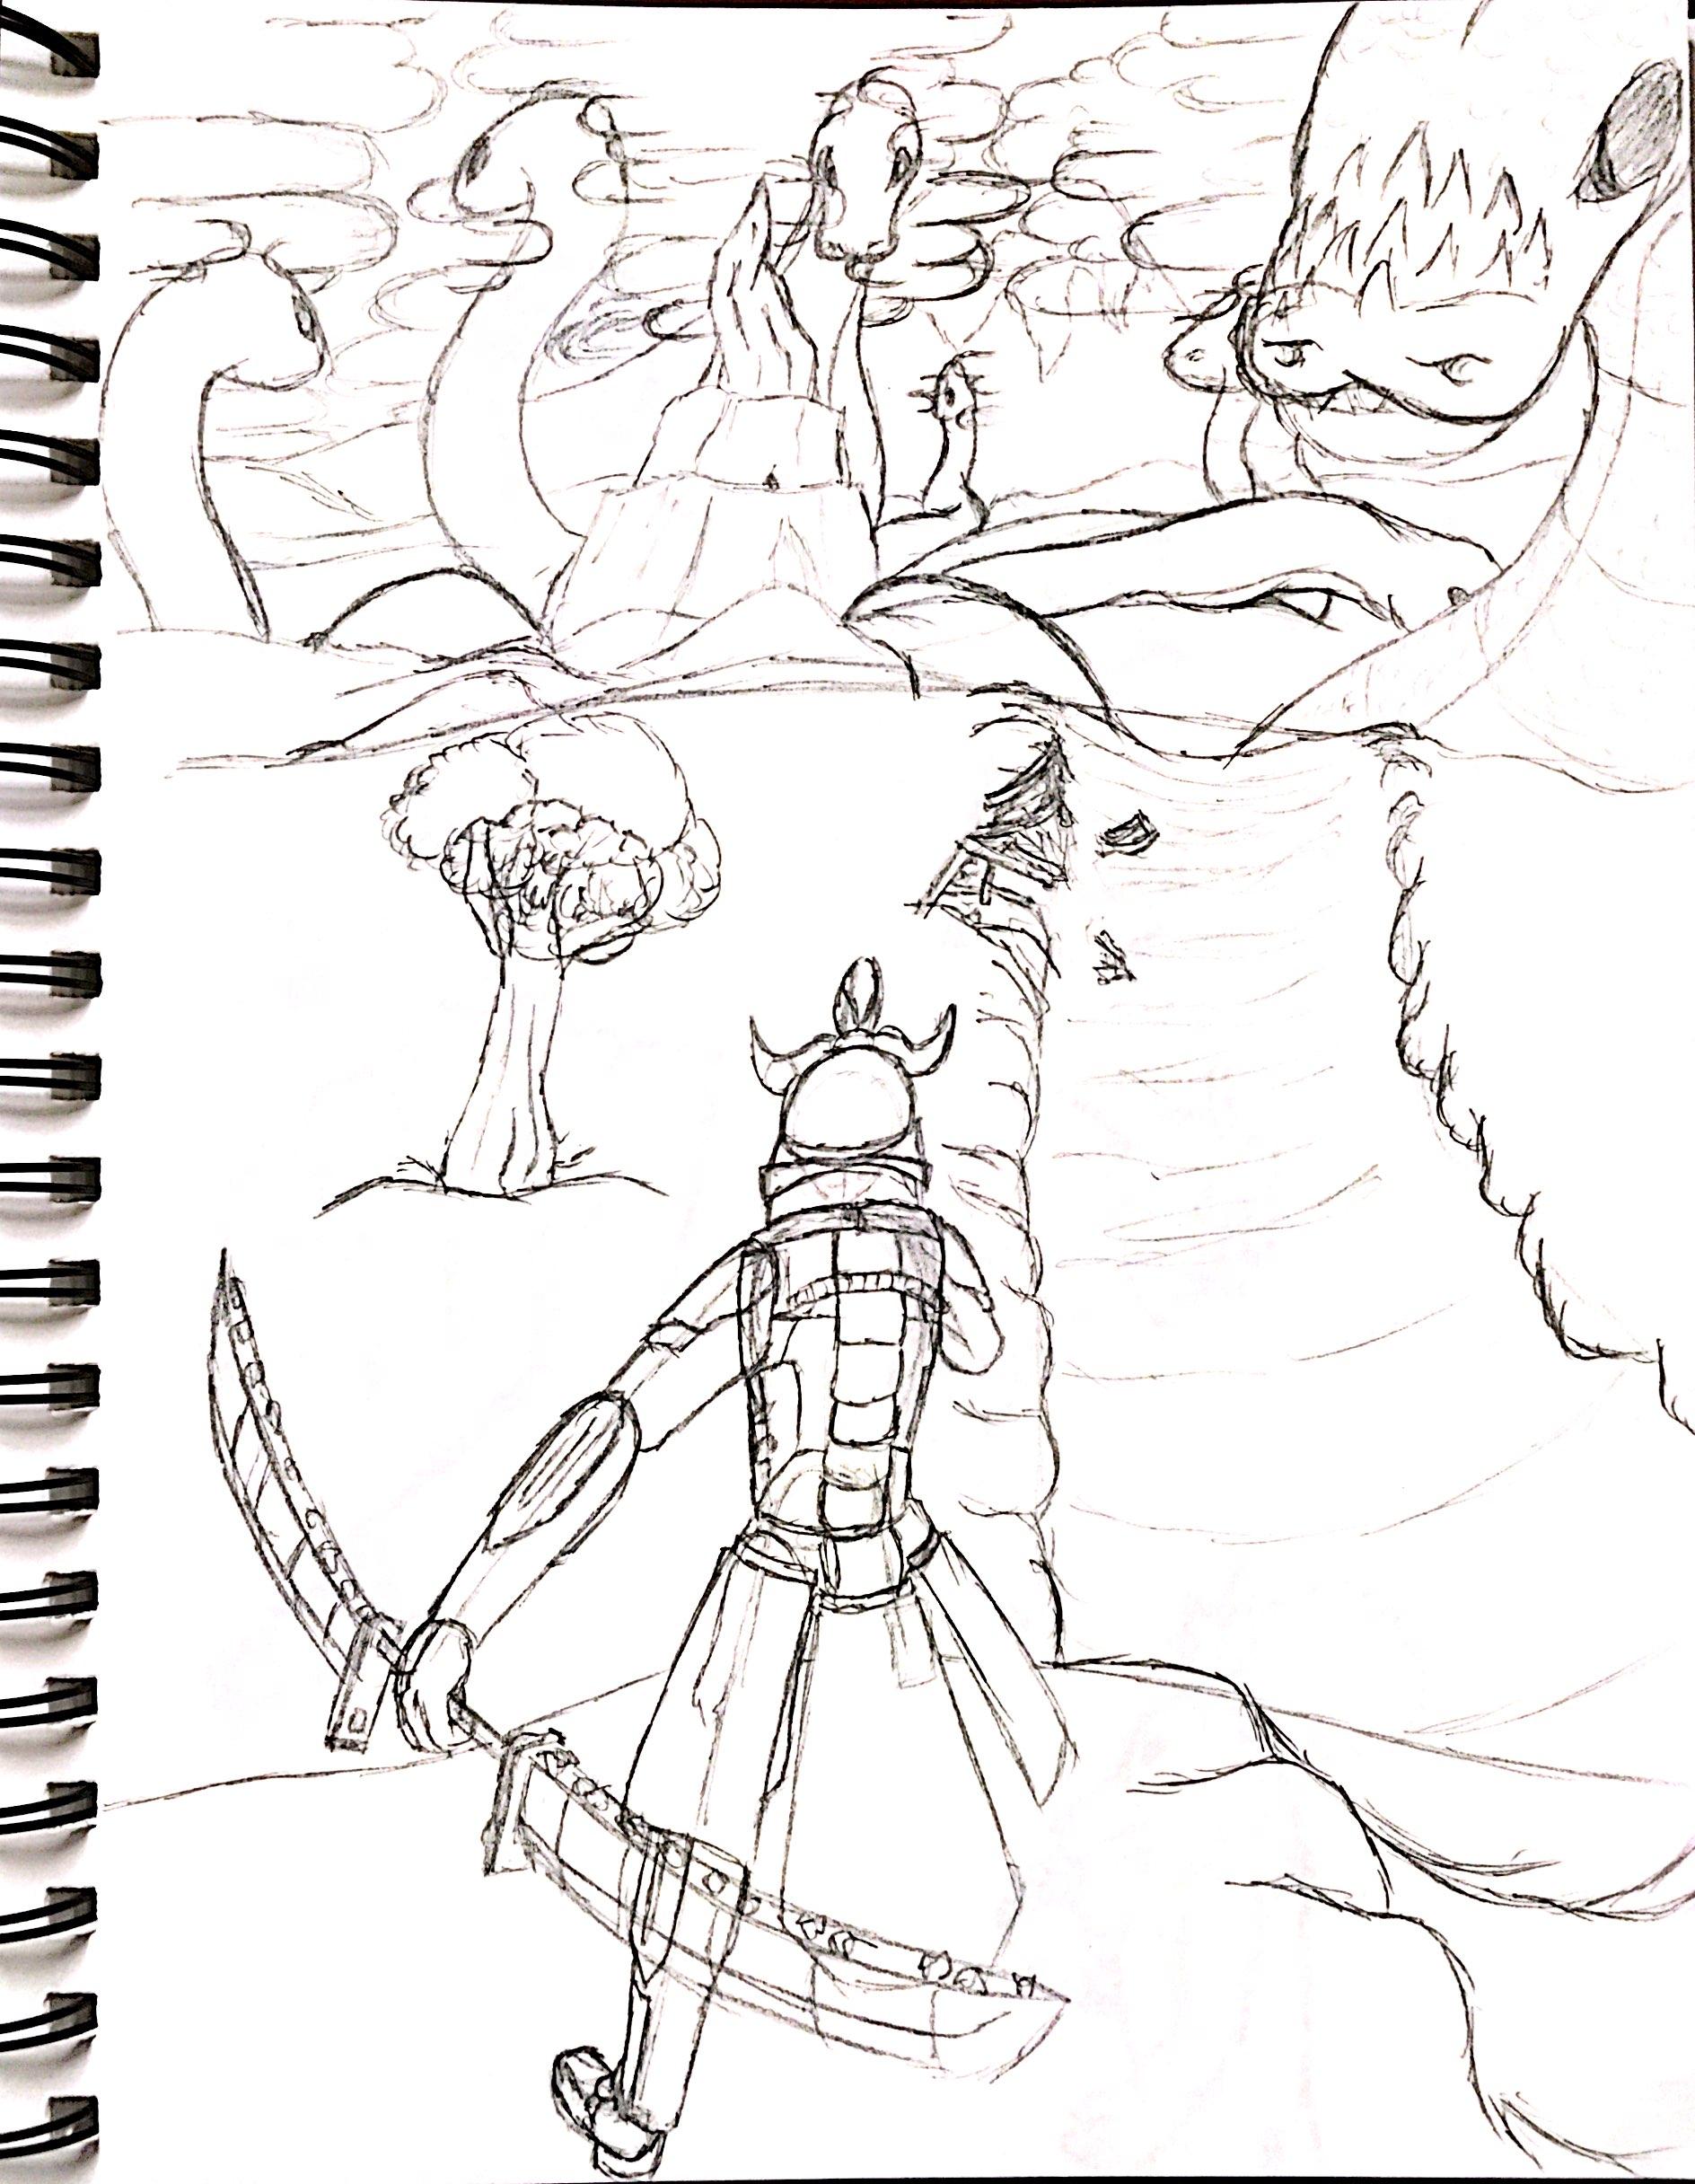 sketch 2017-05-02 10.46.40_1.jpg